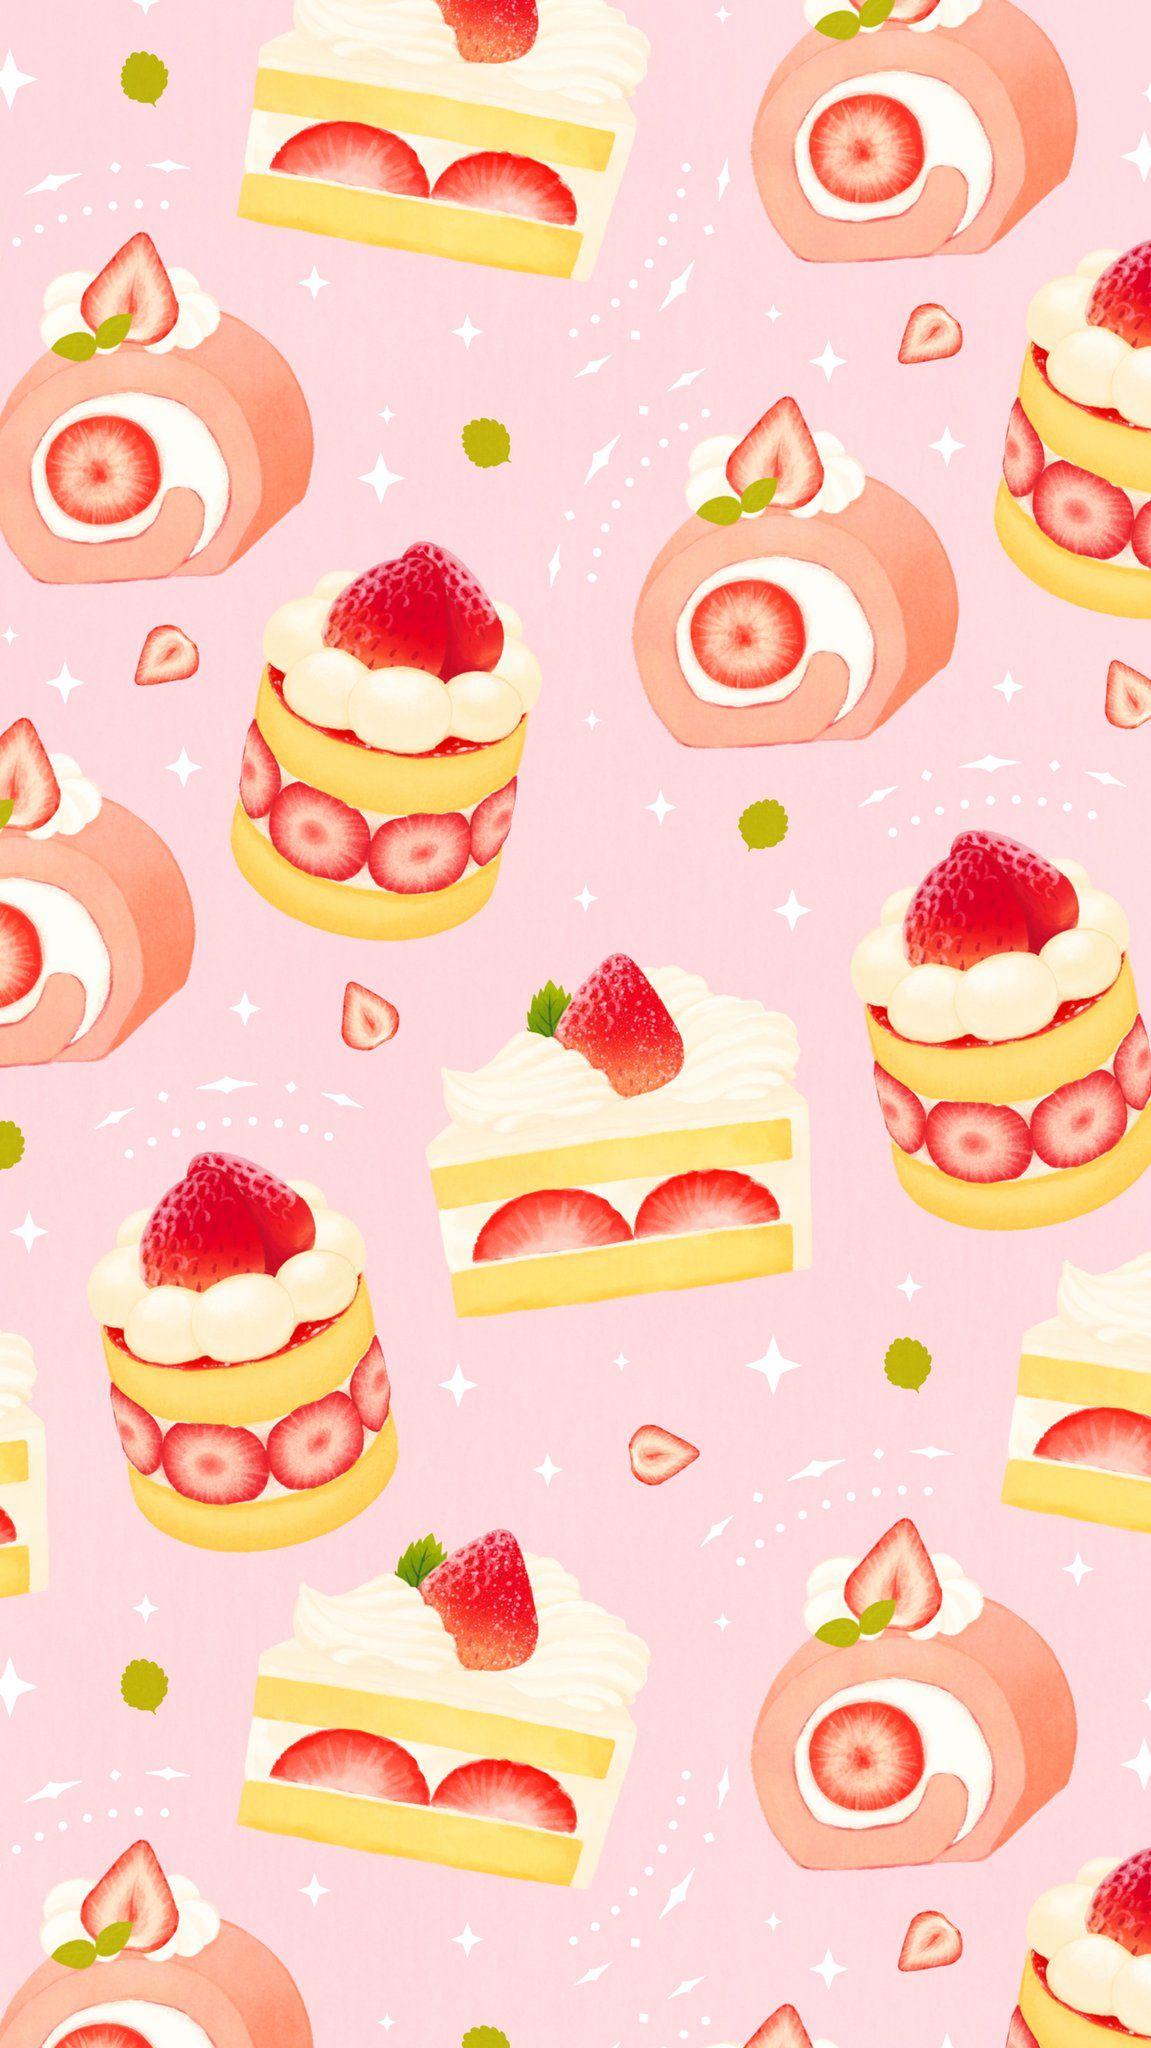 Omiyu みゆき In Cute Food Wallpaper Cake Wallpaper Kawaii Wallpaper